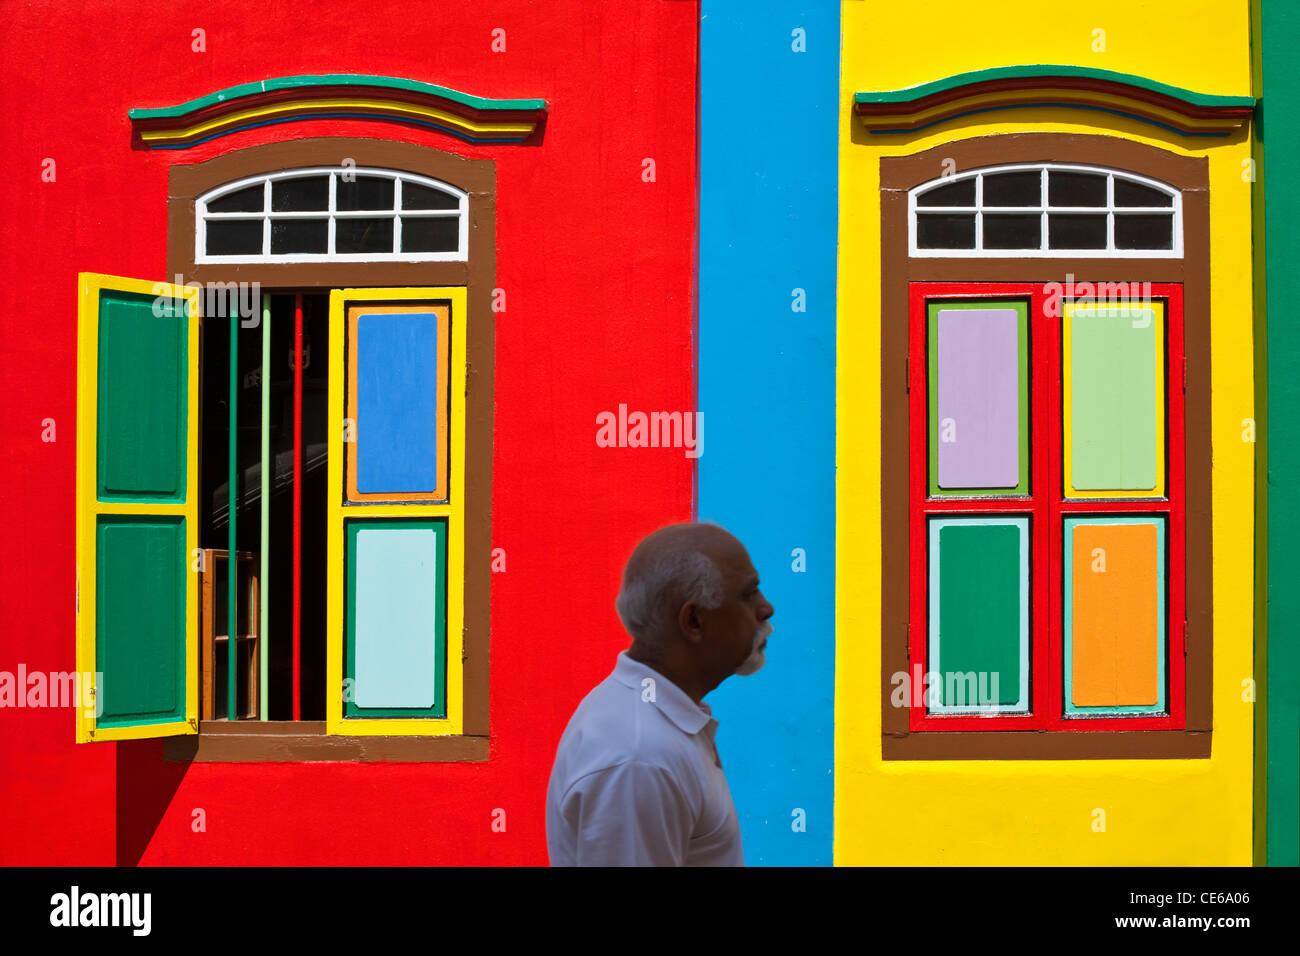 Mann zu Fuß vorbei an einem Colouful denkmalgeschützten Gebäude in Little India, Singapur Stockbild